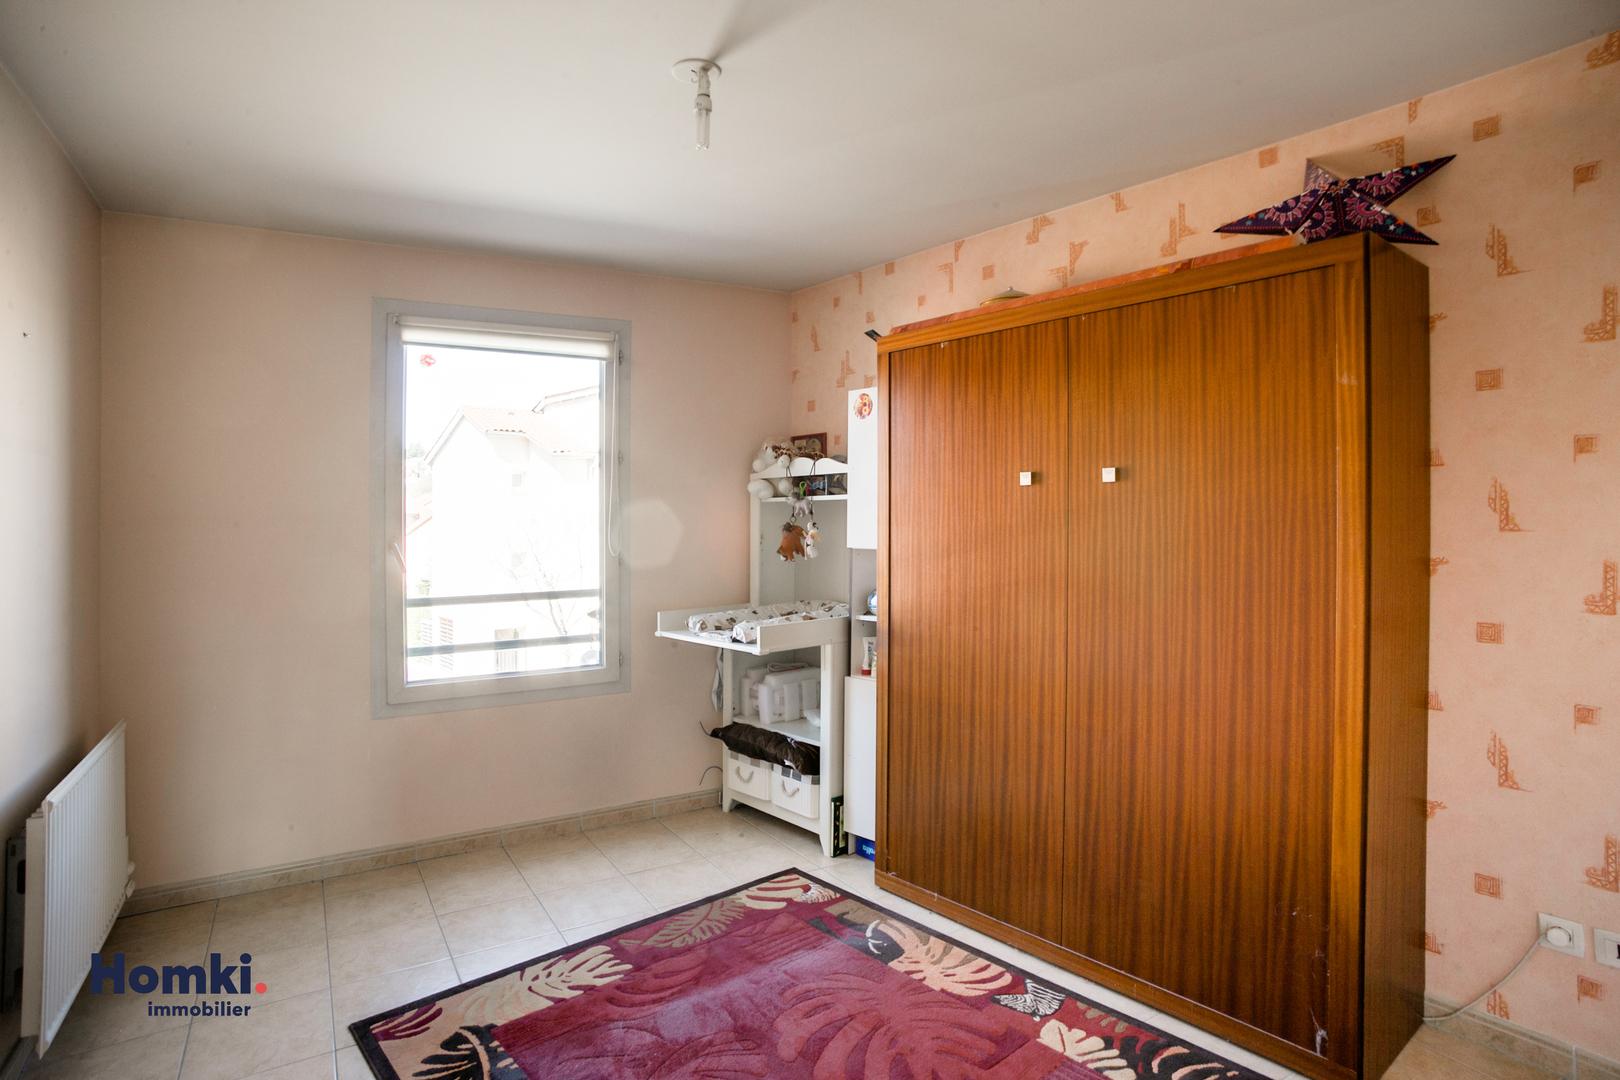 Vente appartement 104m² T5 69480_8